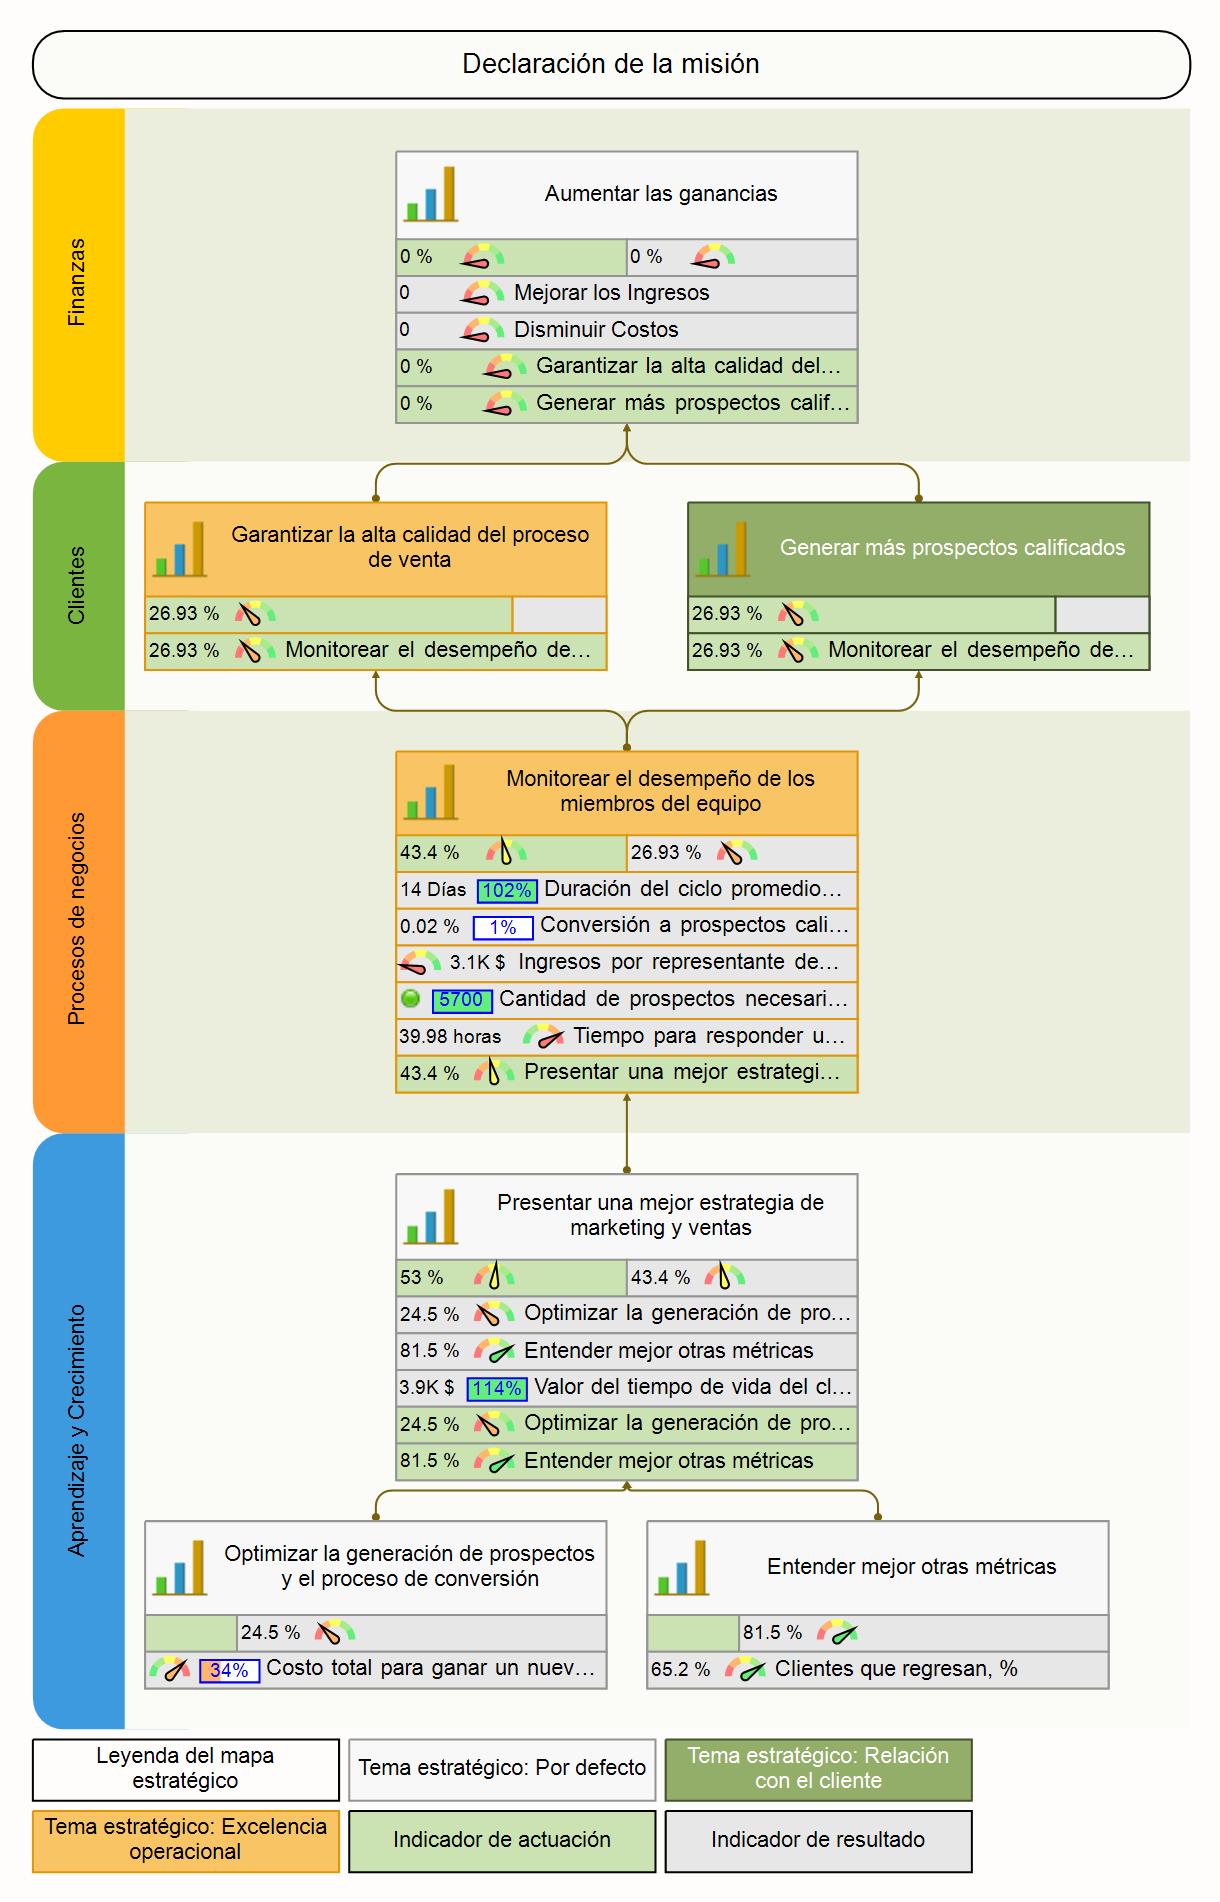 KPIs, Cuadro de Mando y ejemplo de Mapa Estratégico. Departamento de Ventas.